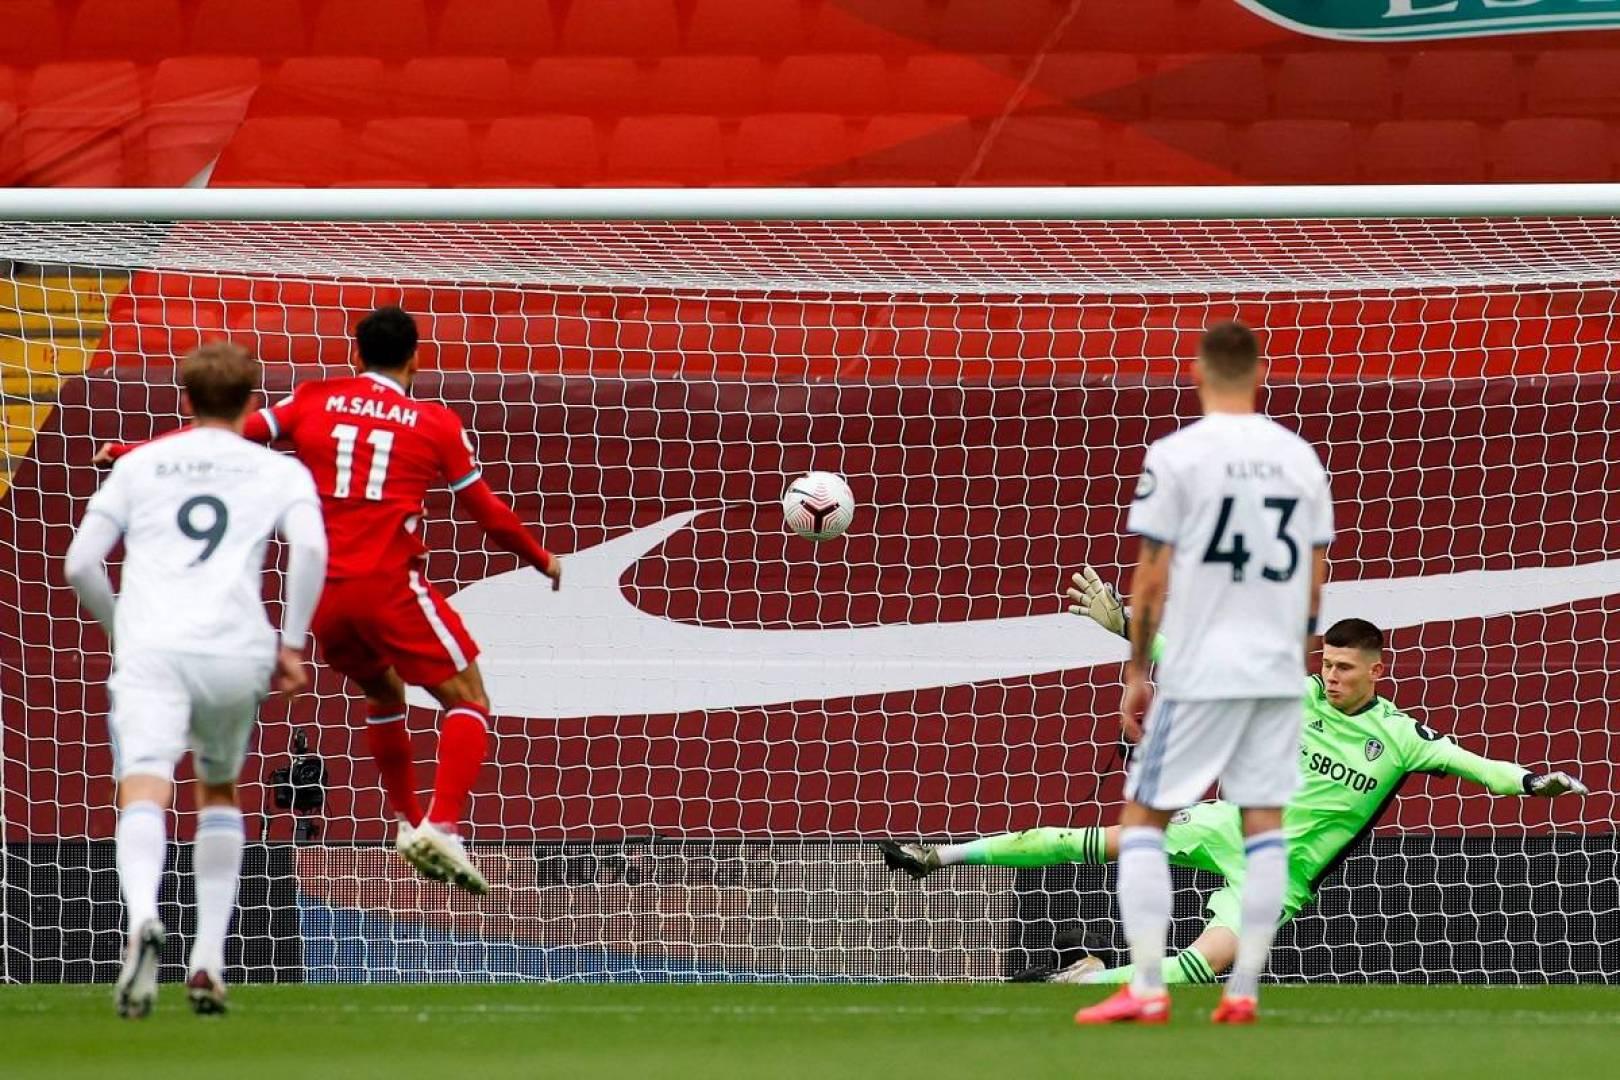 للموسم الرابع على التوالي.. أول أهداف ليفربول في البريميرليغ بأقدام محمد صلاح